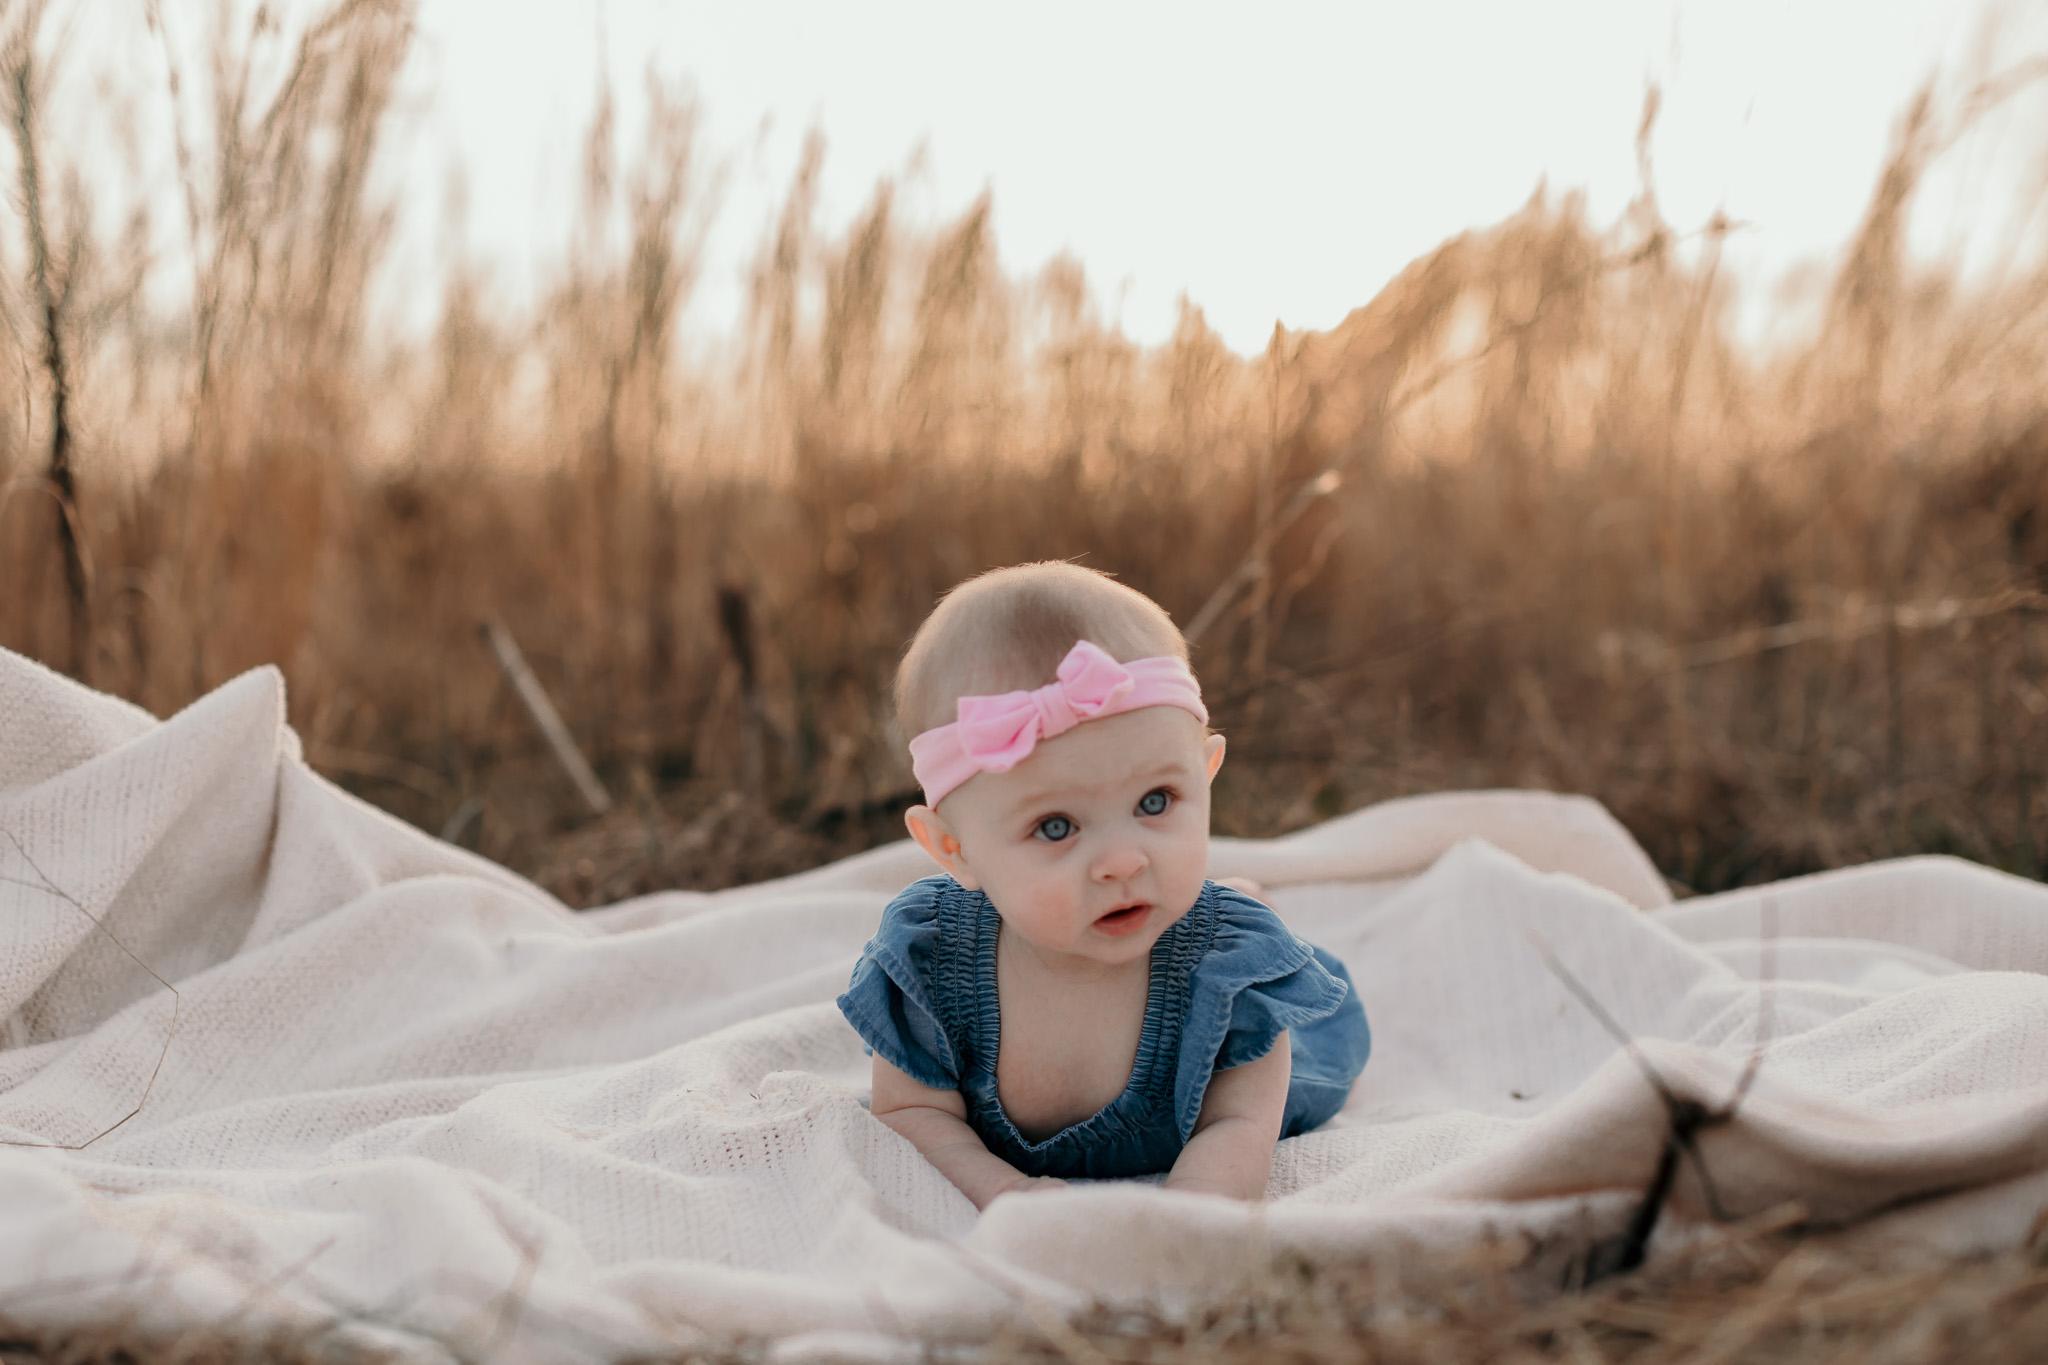 Baby Girl Playing on Blanket